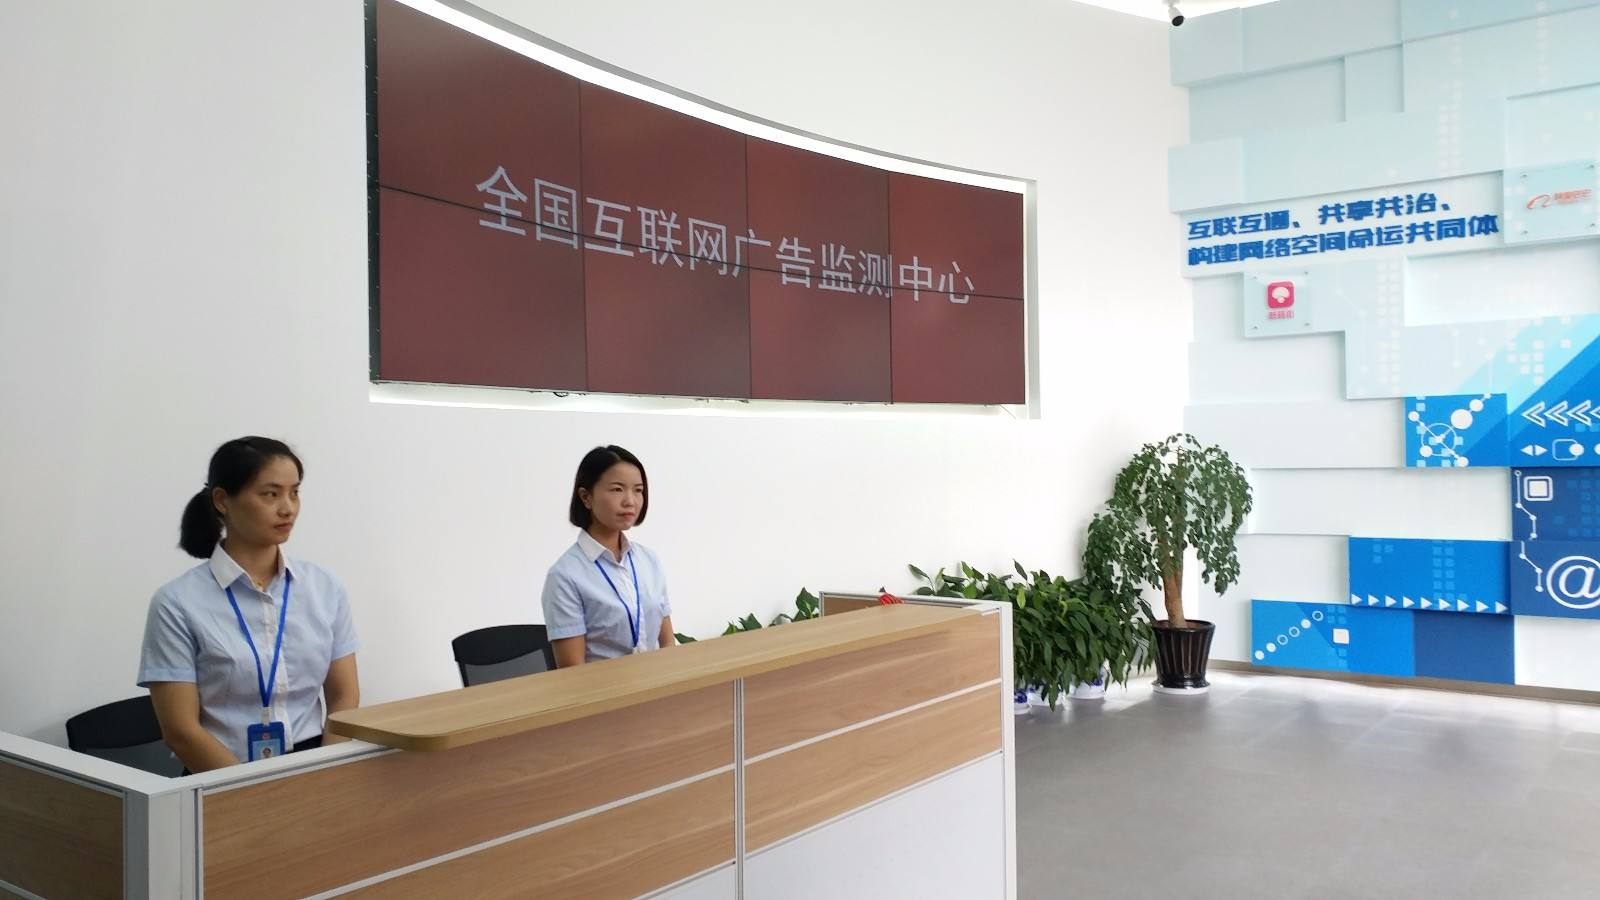 全国互联网广告监测中心日前在杭州建成启用。(图片来自网络)